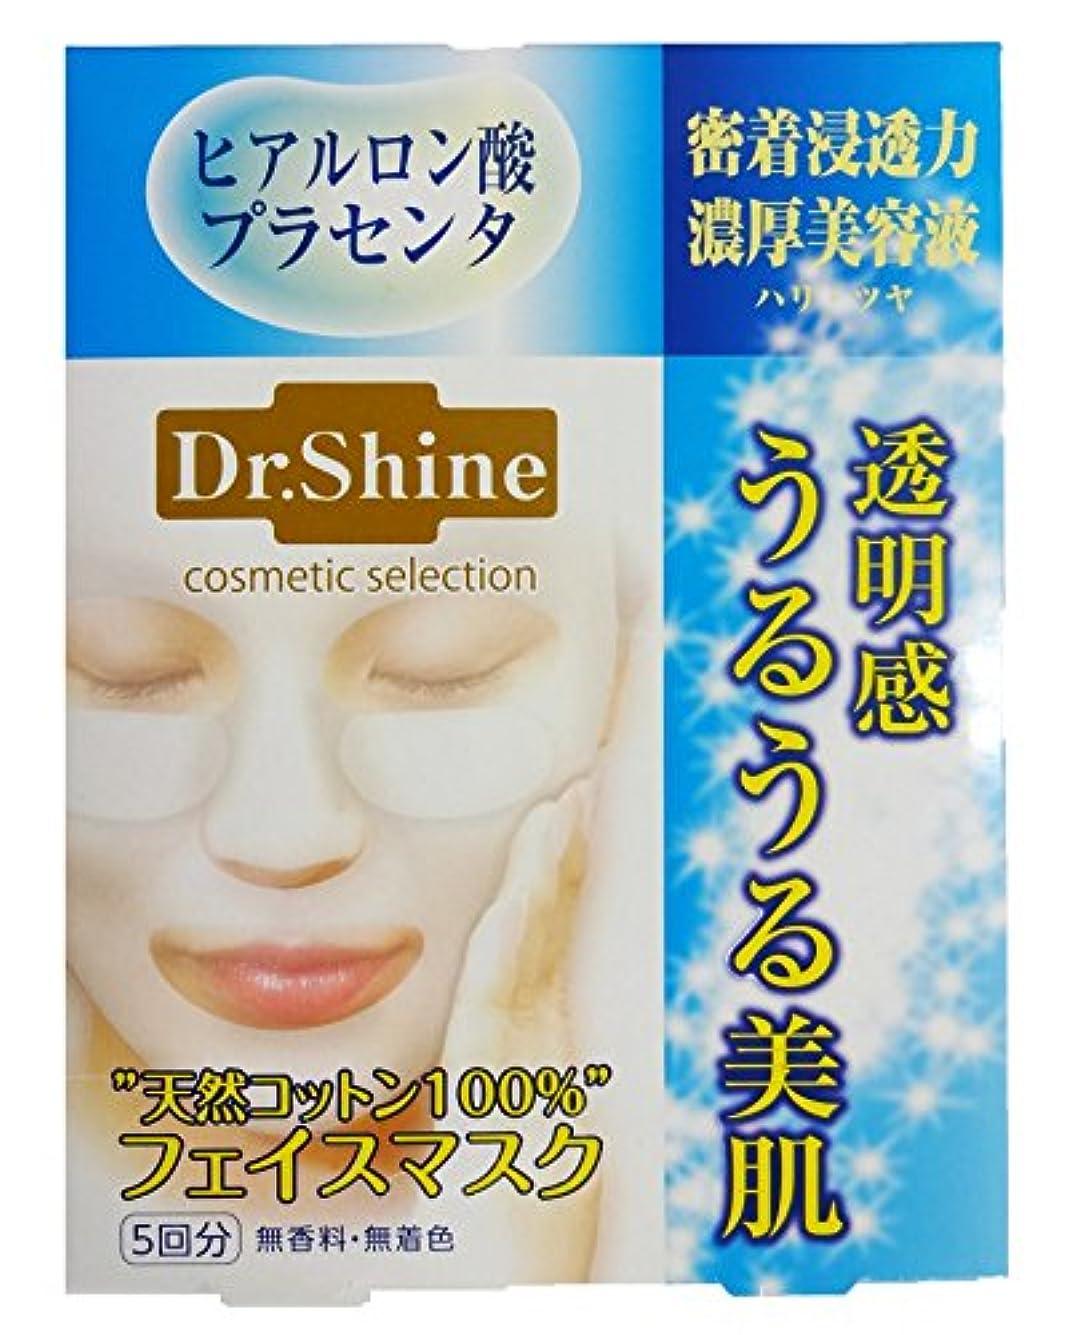 タッチ思い出す適度にDr.Shine(ドクターシャイン) フェイスマスクHP 5回分(20ml×5)